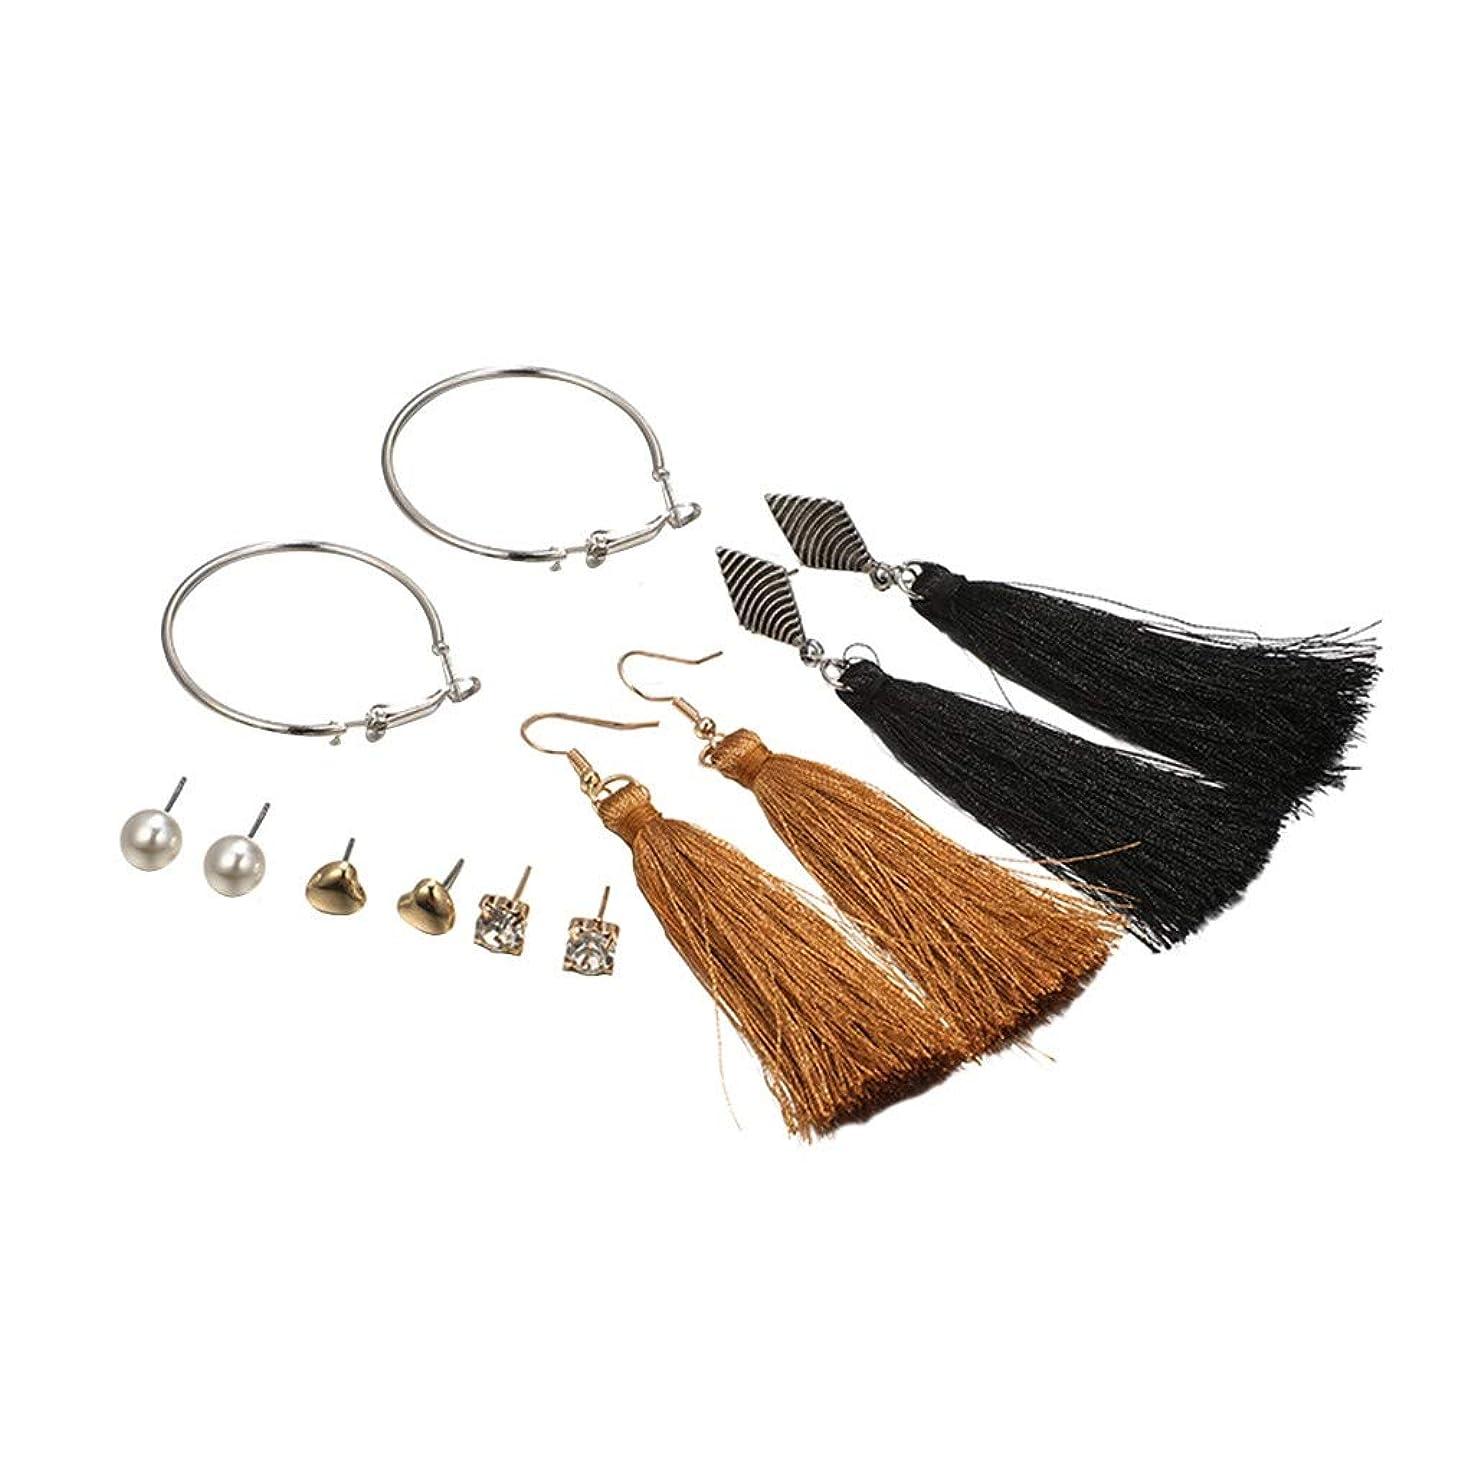 酔った空気錆びNicircle ダイヤモンドハートレトロロングタッセルイヤリングスタッドピアスセットサークルパール Circle Pearl Set With Diamond Heart Retro Long Tassel Ear Stud Earrings